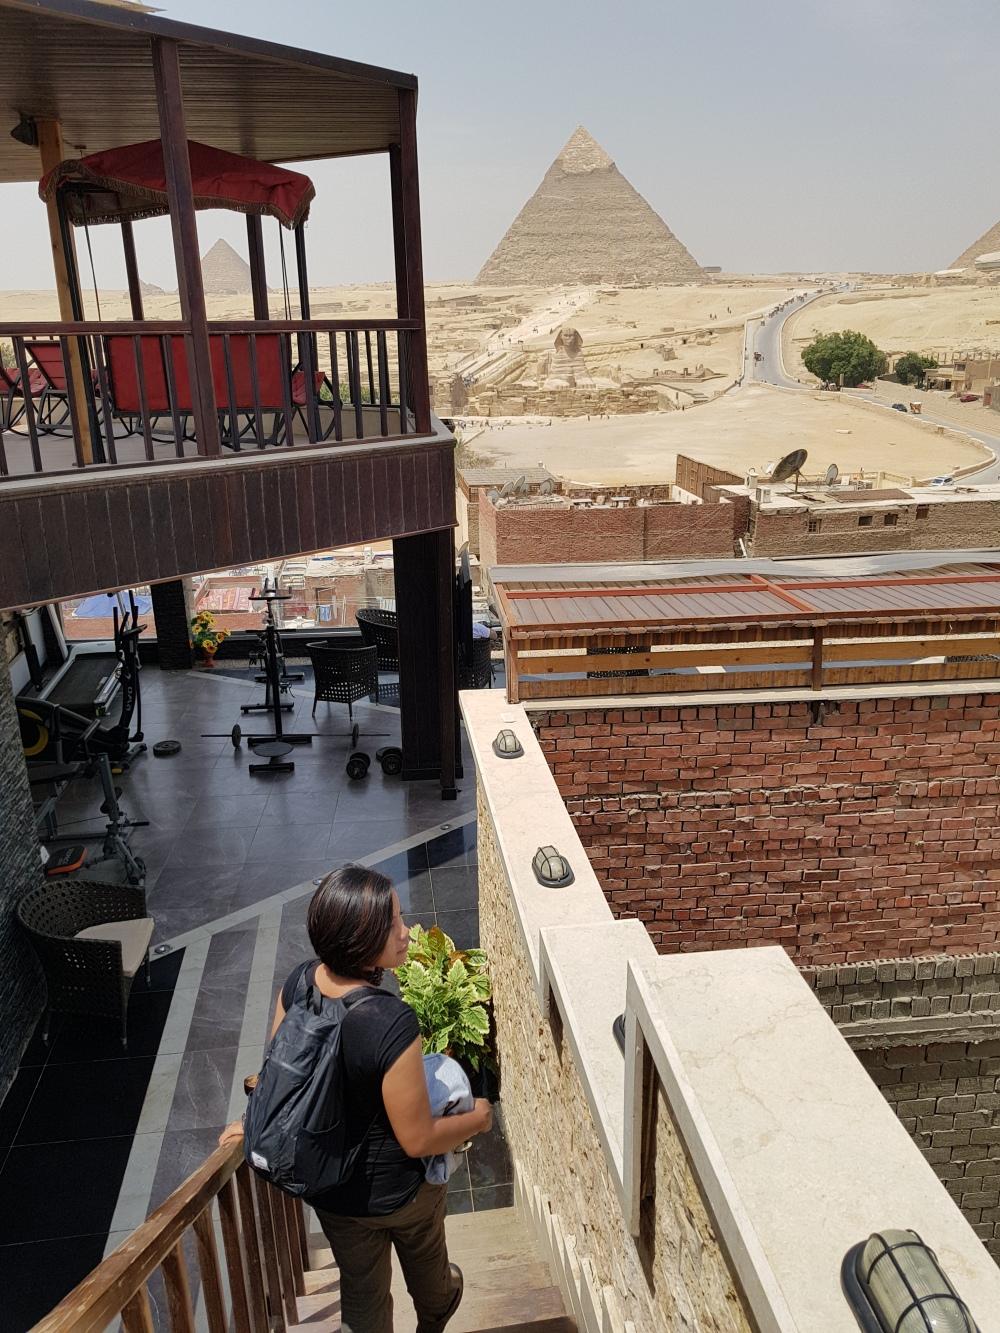 019_Egypt.jpg